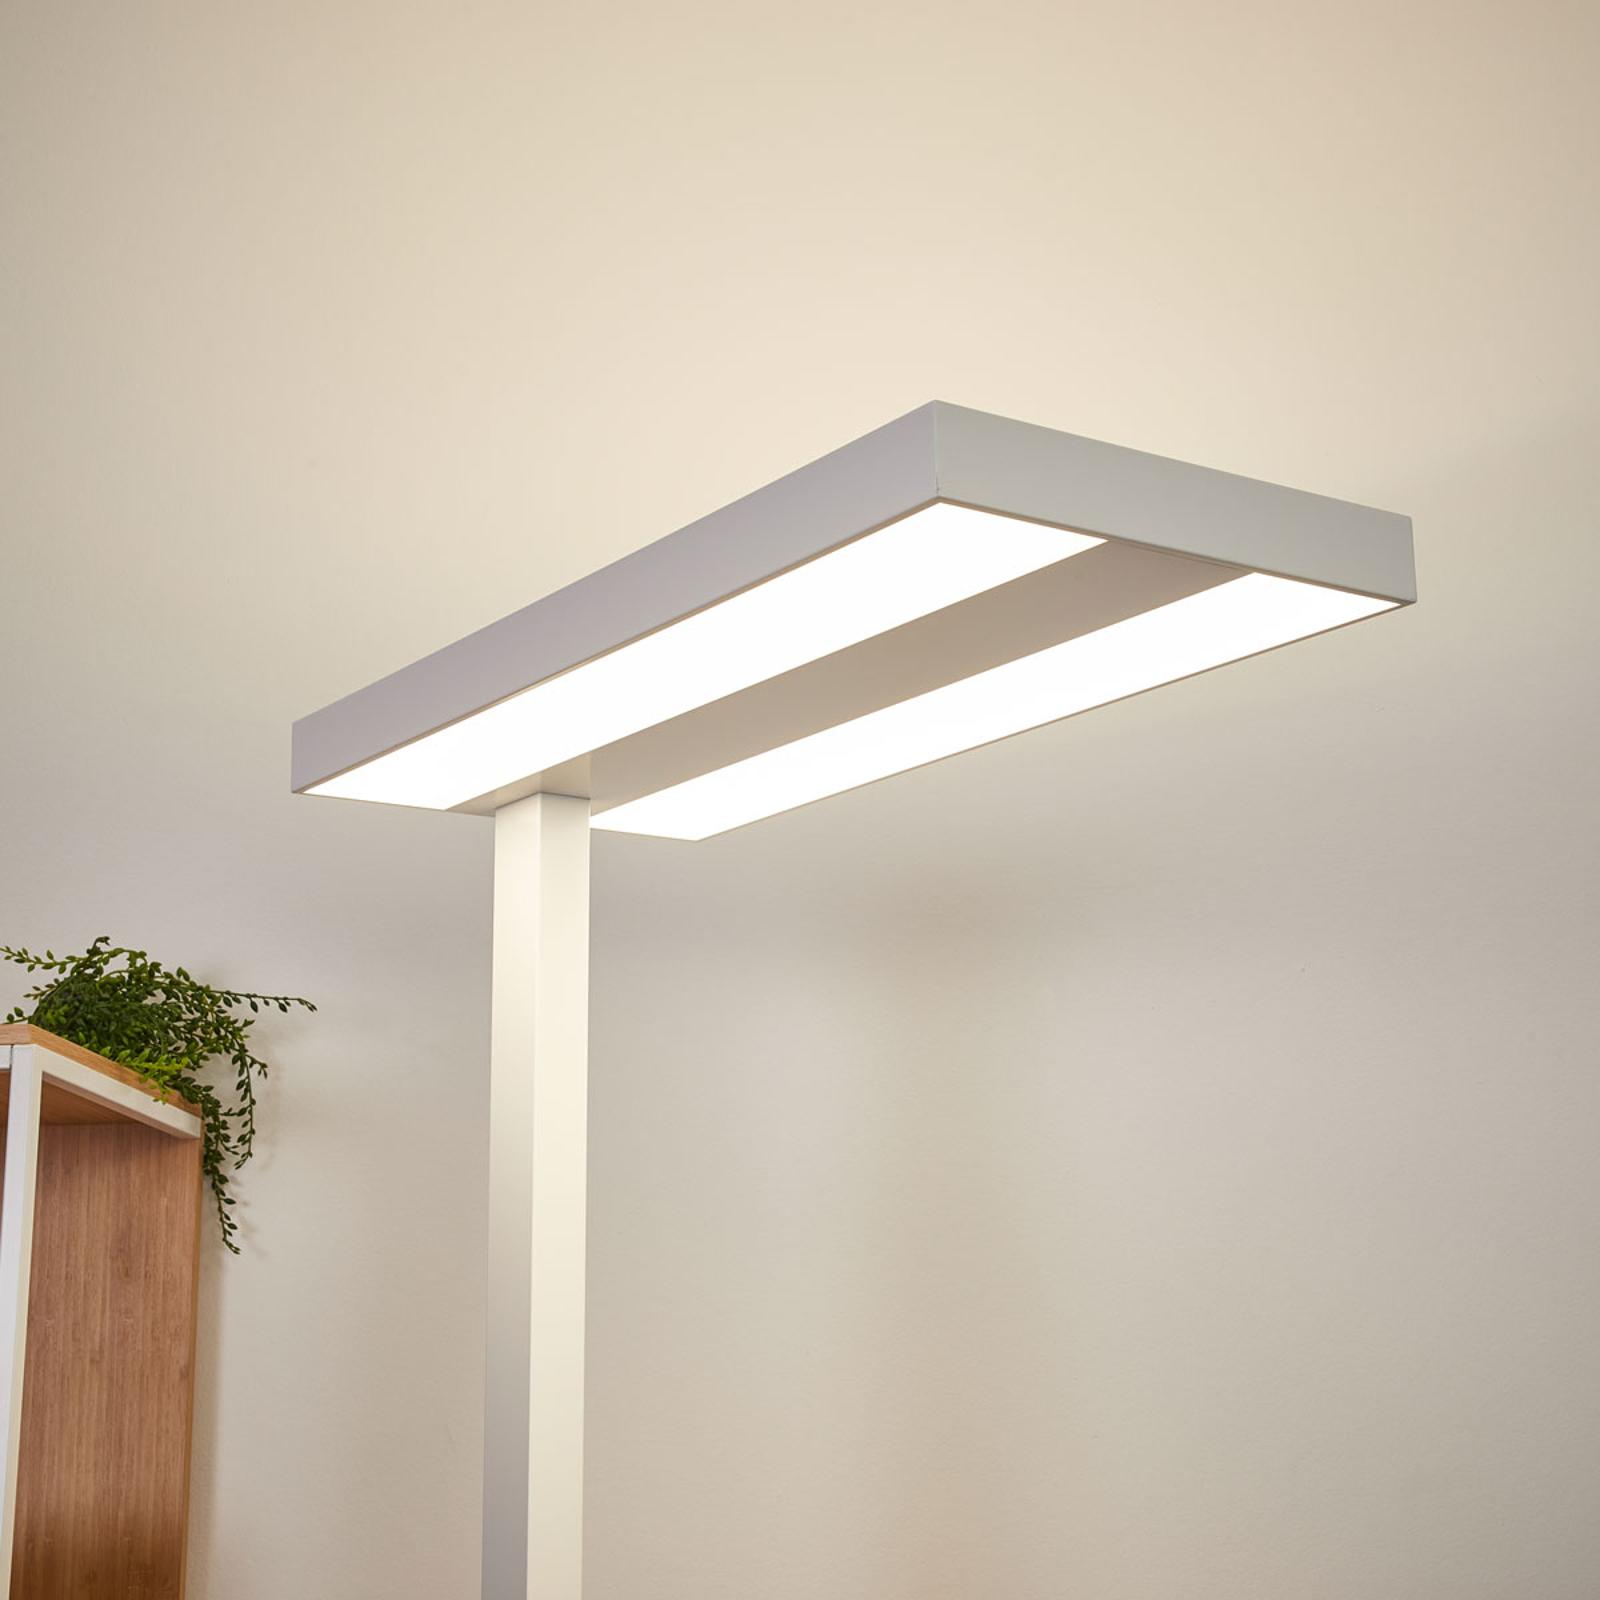 Logan bílá kancelářská LED stojací lampa, 4 000 K